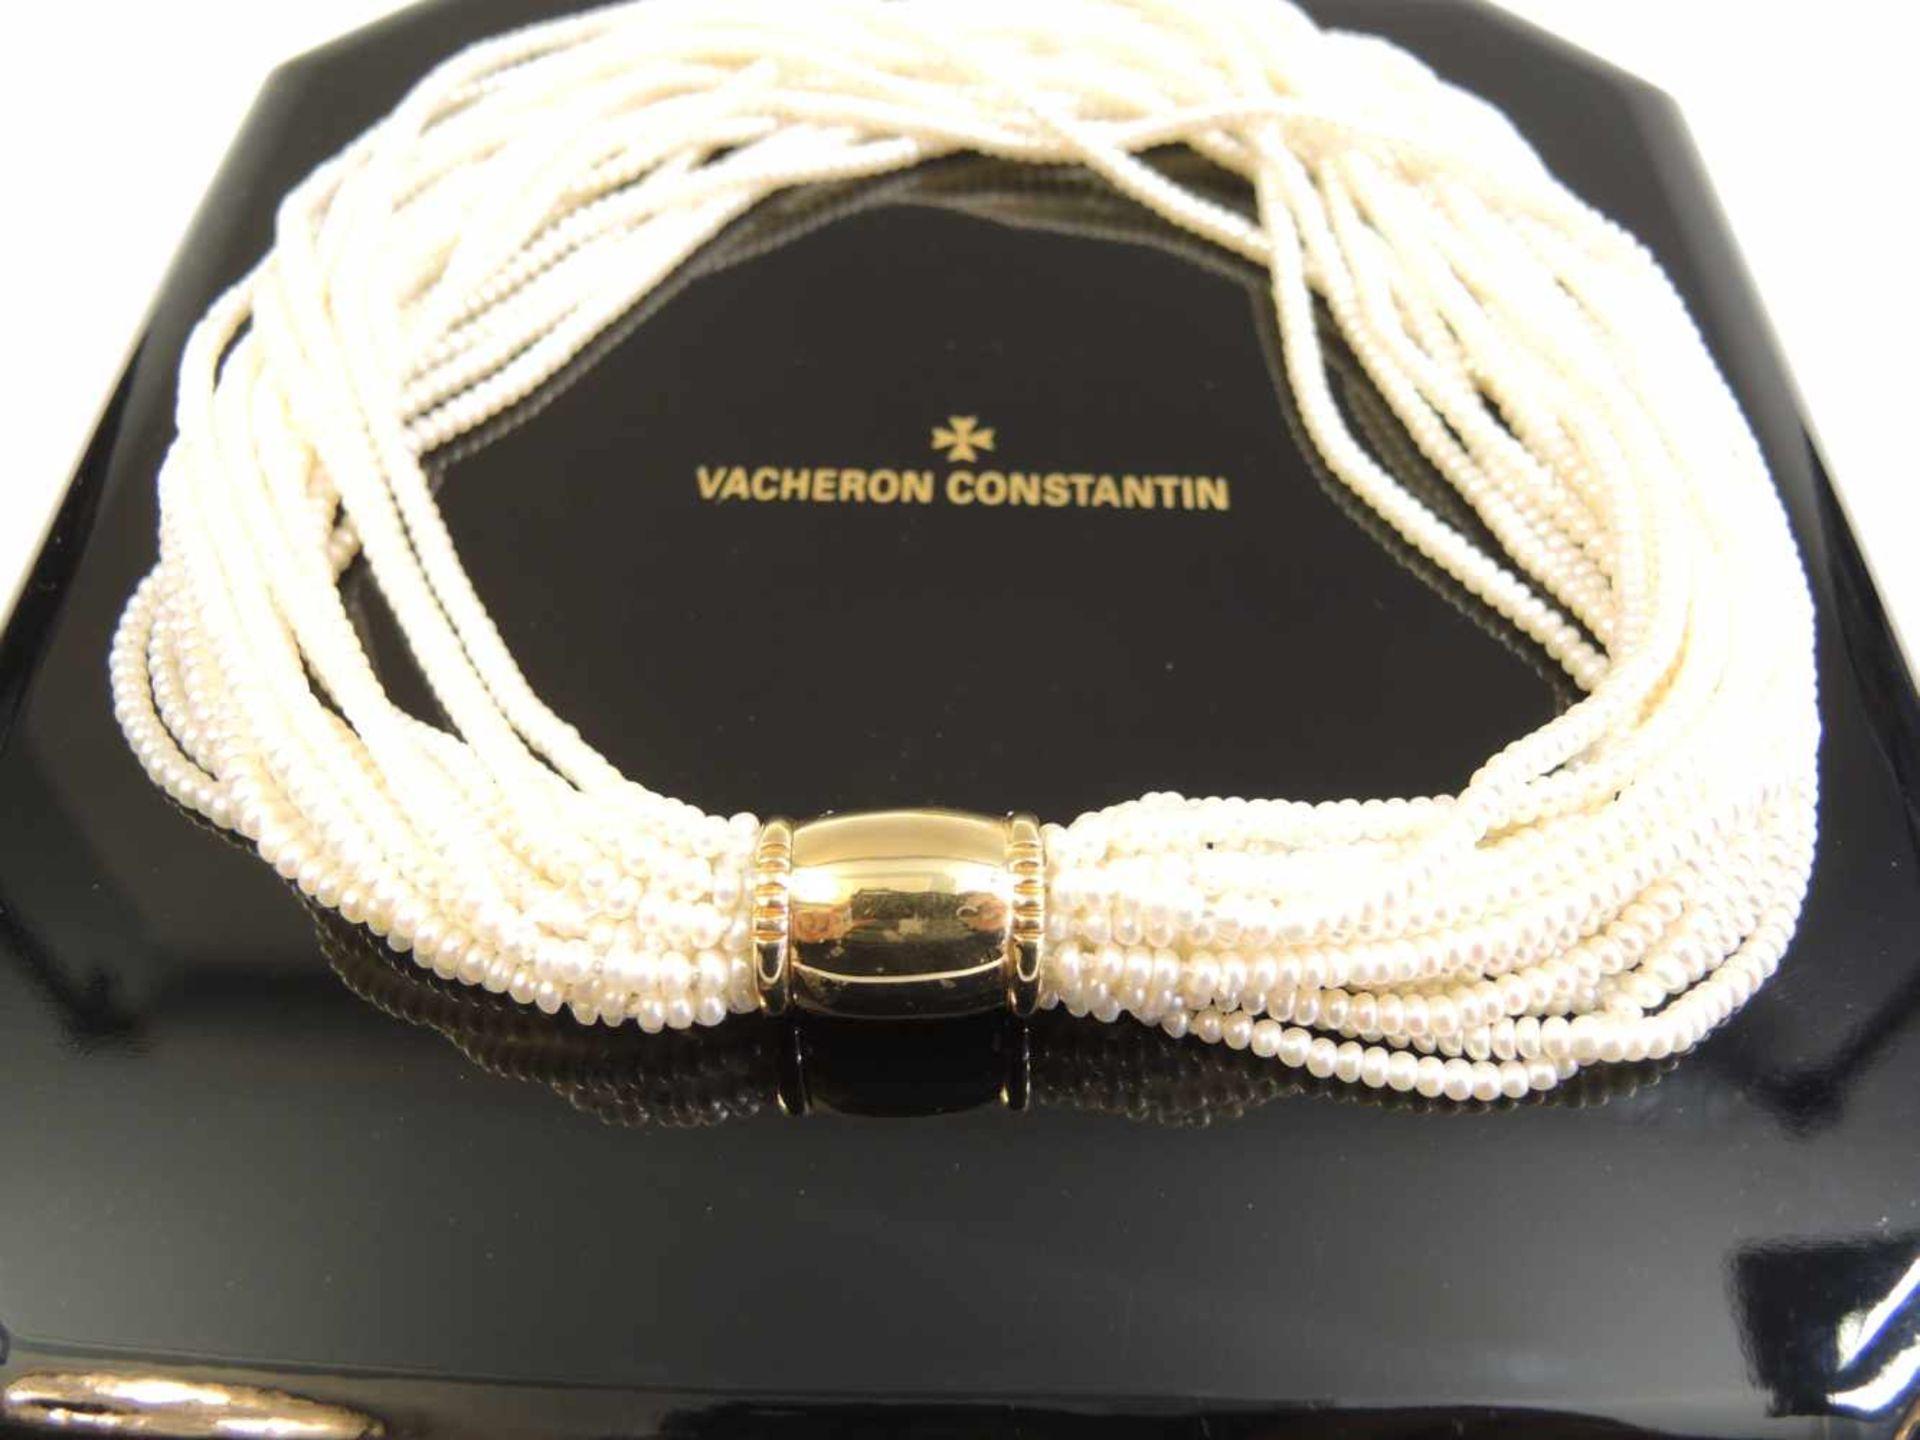 Vacheron Constantin, Perl-Gold-CollierGold, schweres Mittelteil und feine Perlensträn - Image 2 of 2